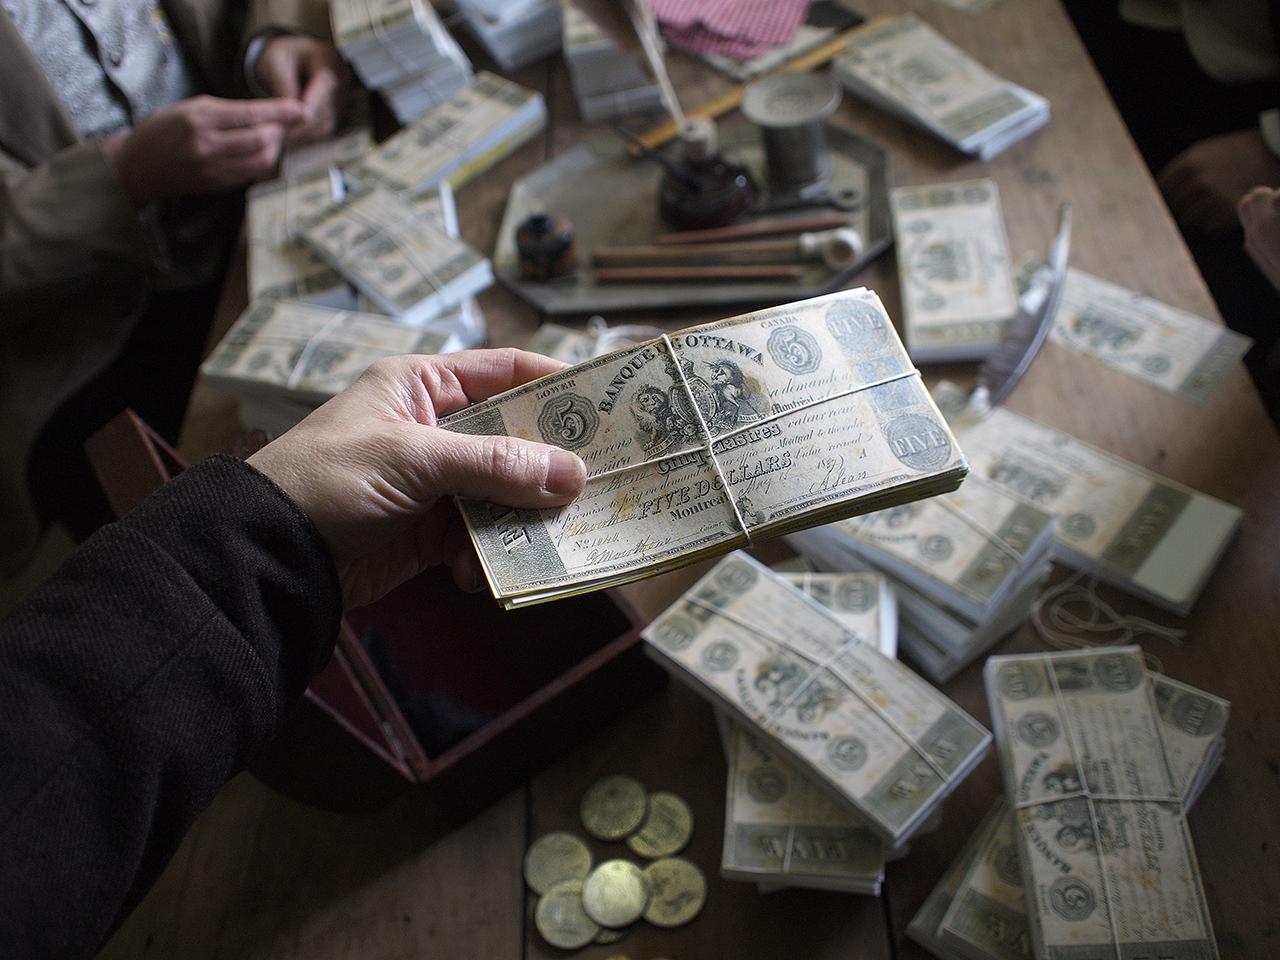 Stacks of fake money